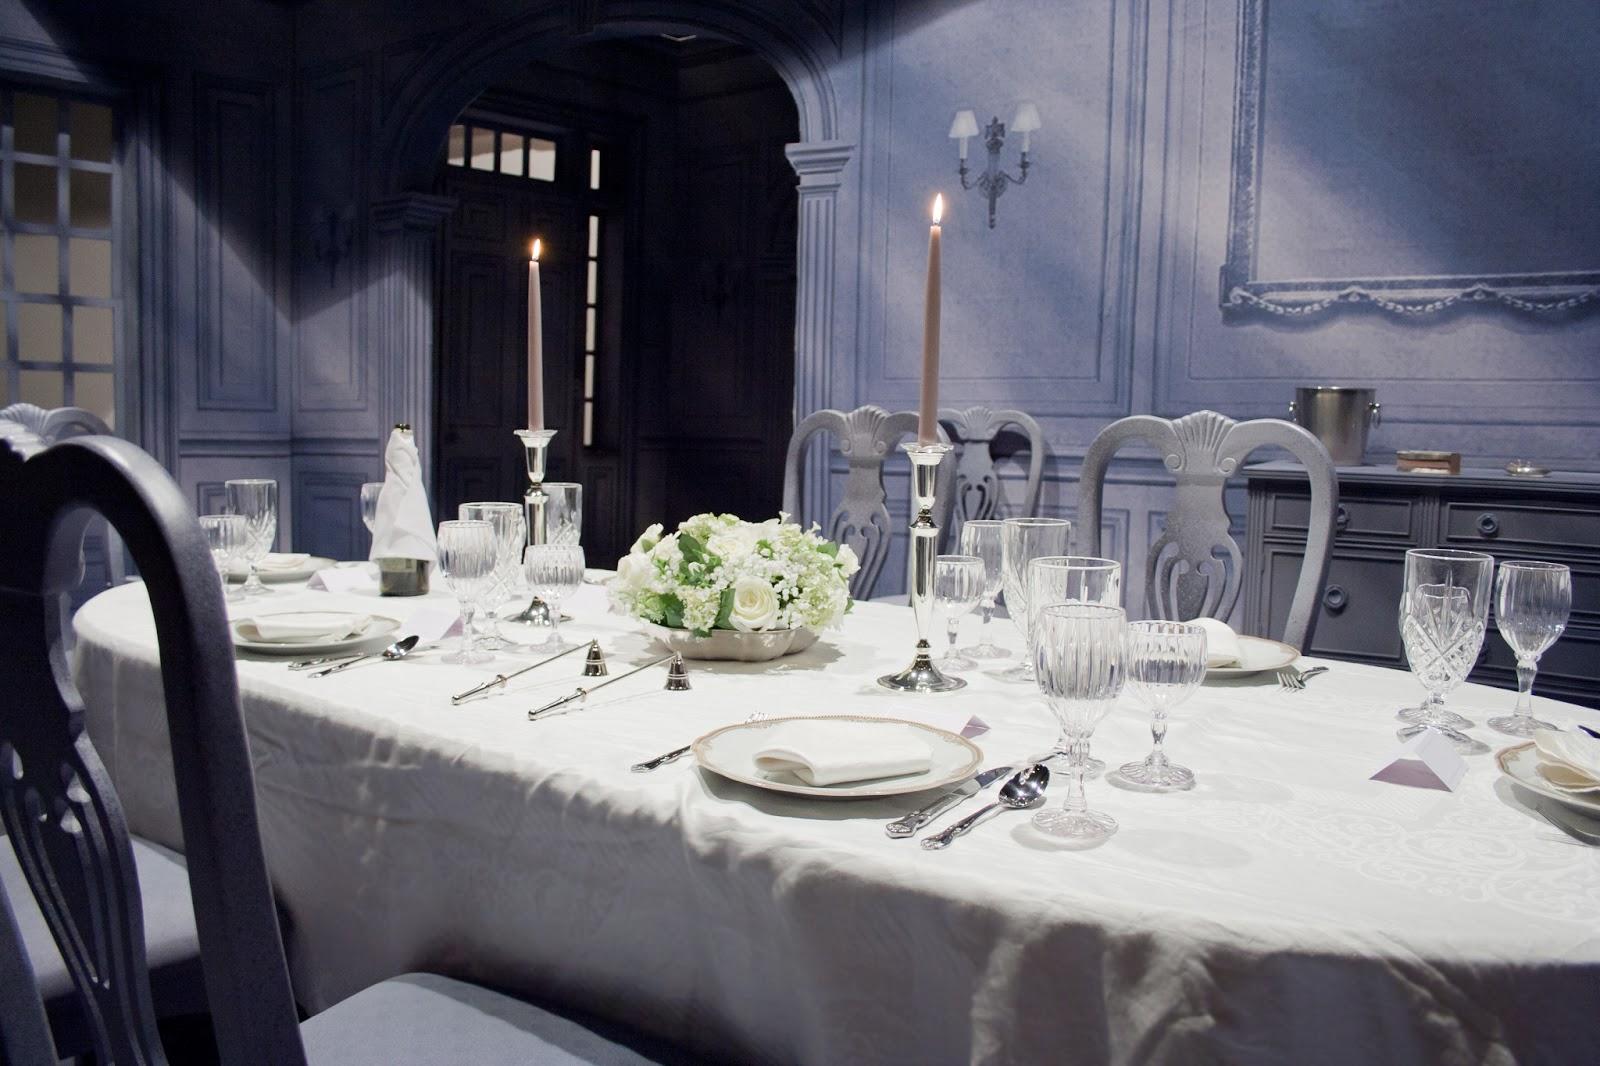 Ar gurney the dining room